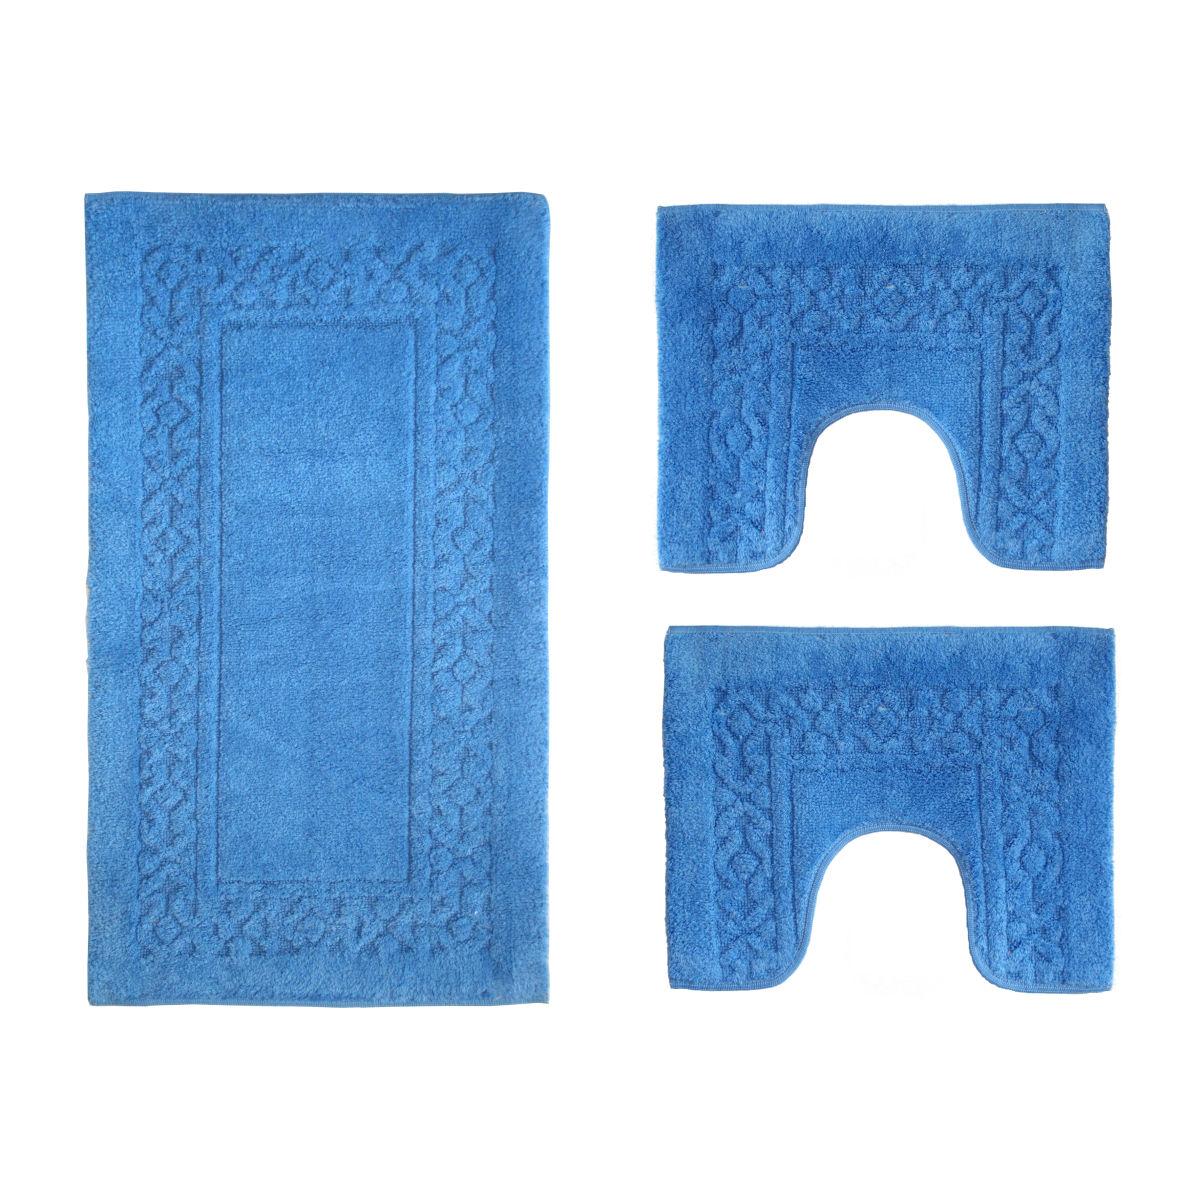 Set tappeti bagno Ischia azzurro: prezzi e offerte online